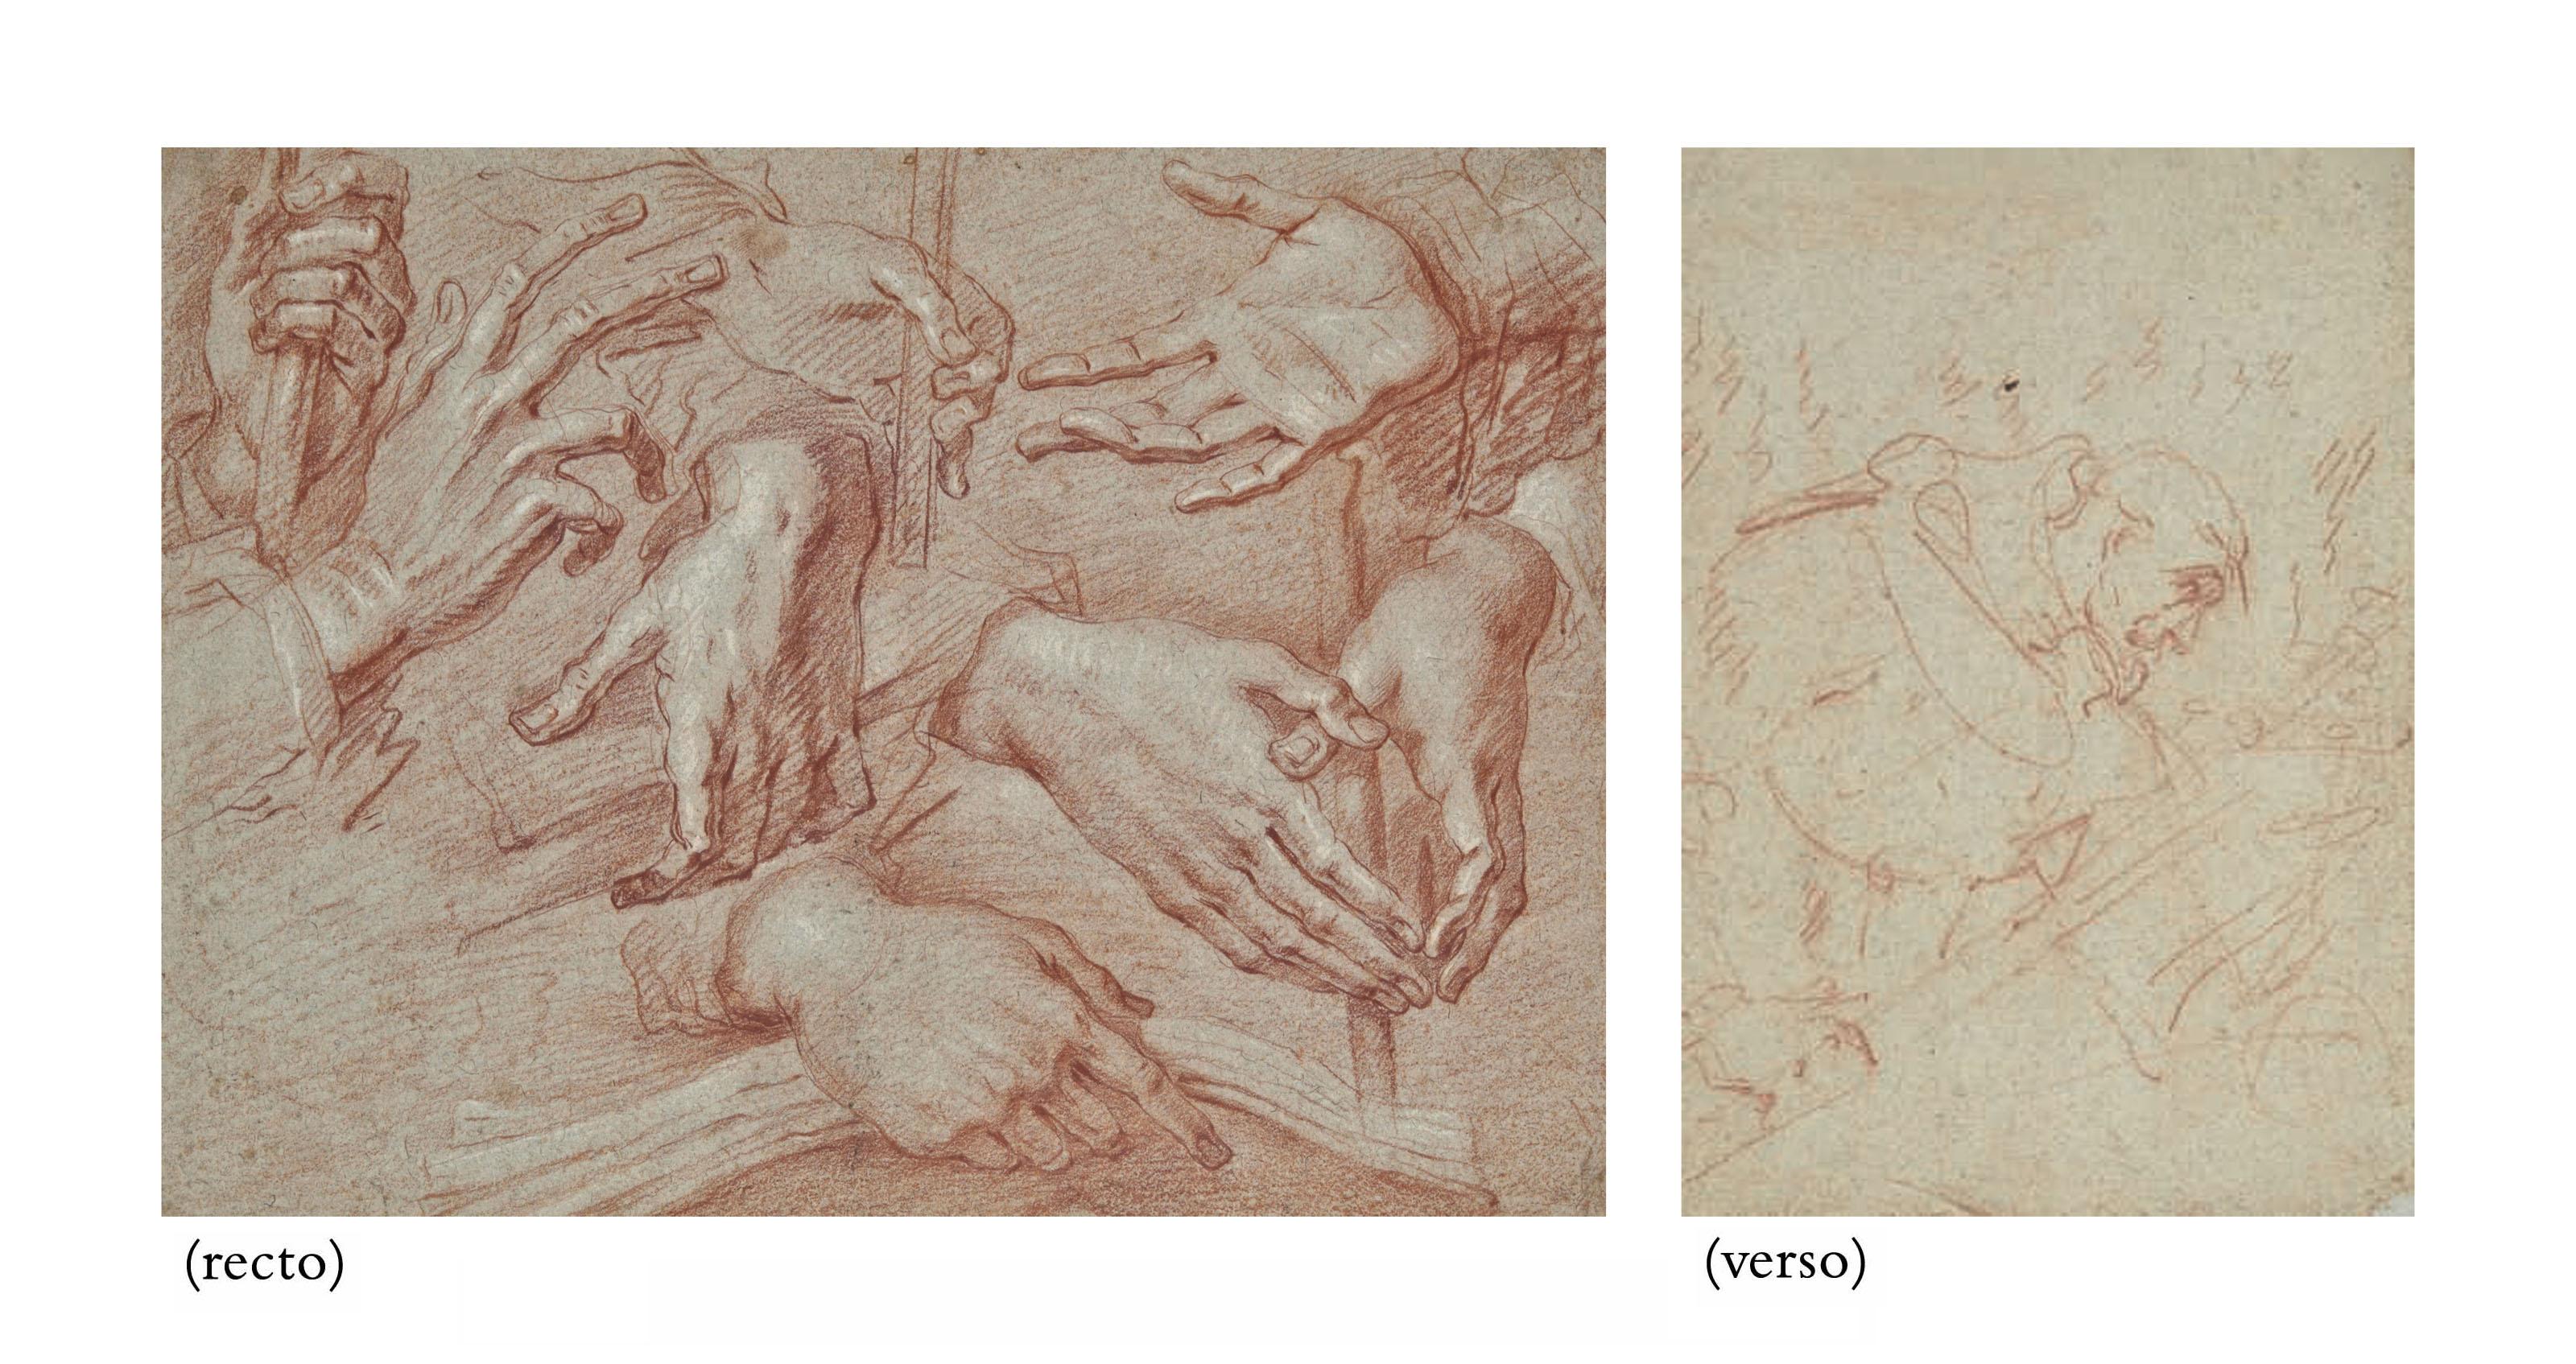 Etude de mains (recto); Moine priant (verso)